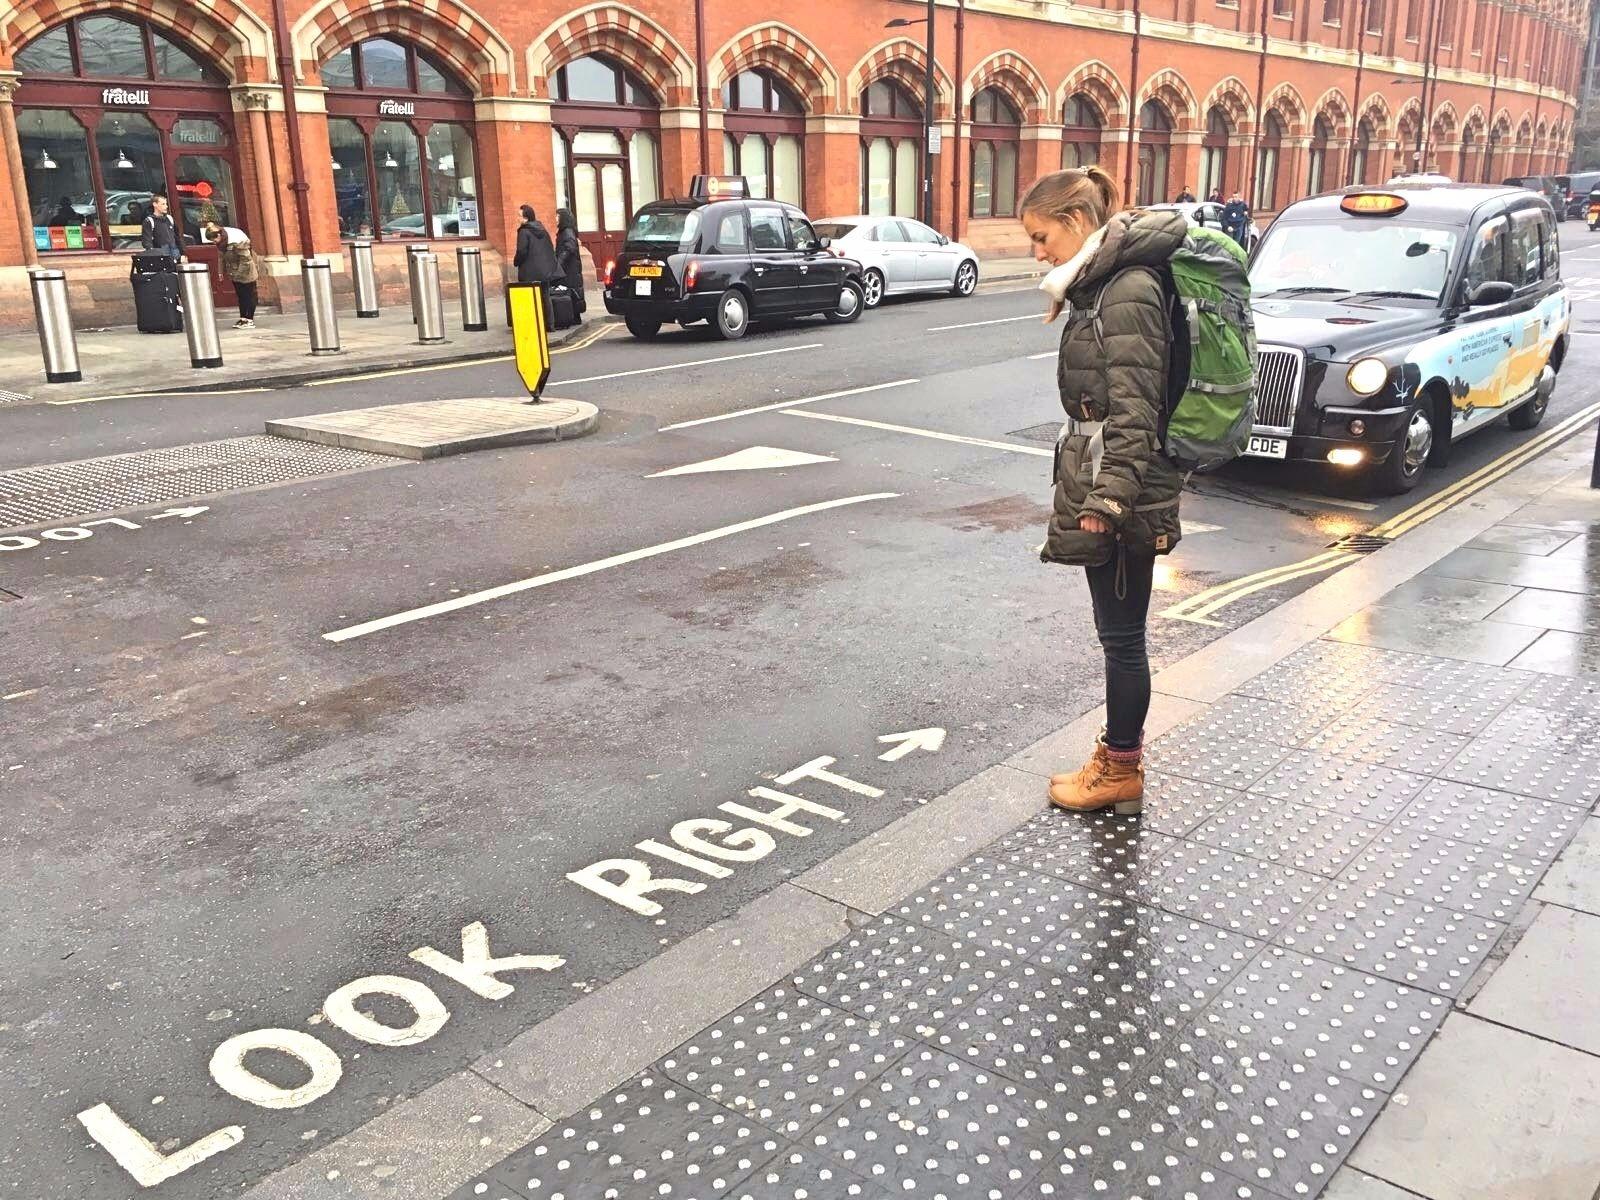 Reisen nur mit Handgepäck: Spontan nach London für nur 1 Tag.